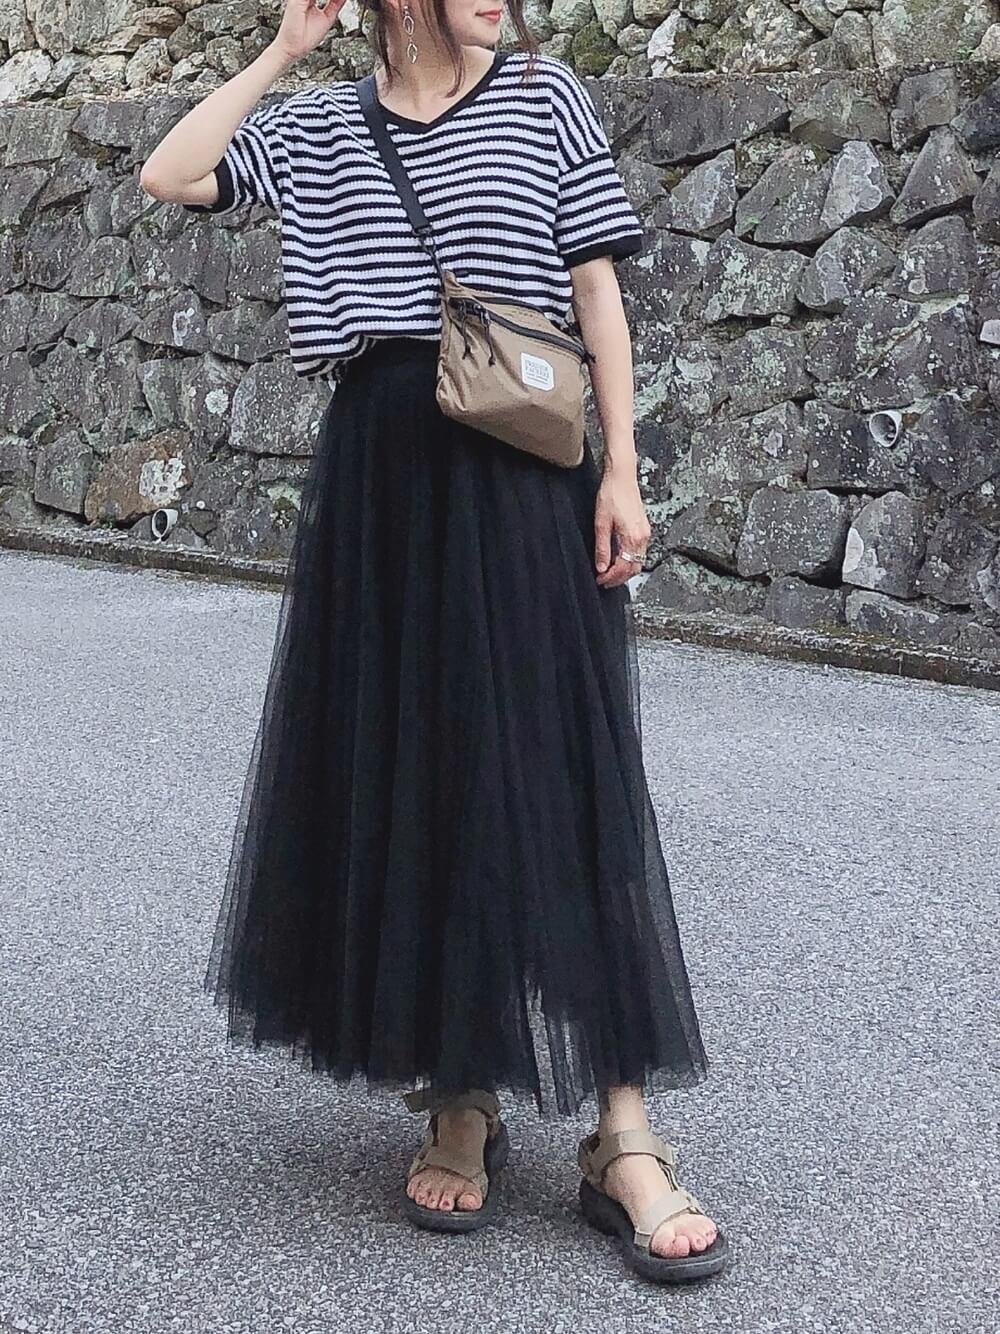 ボーダーTシャツと黒チュールスカート